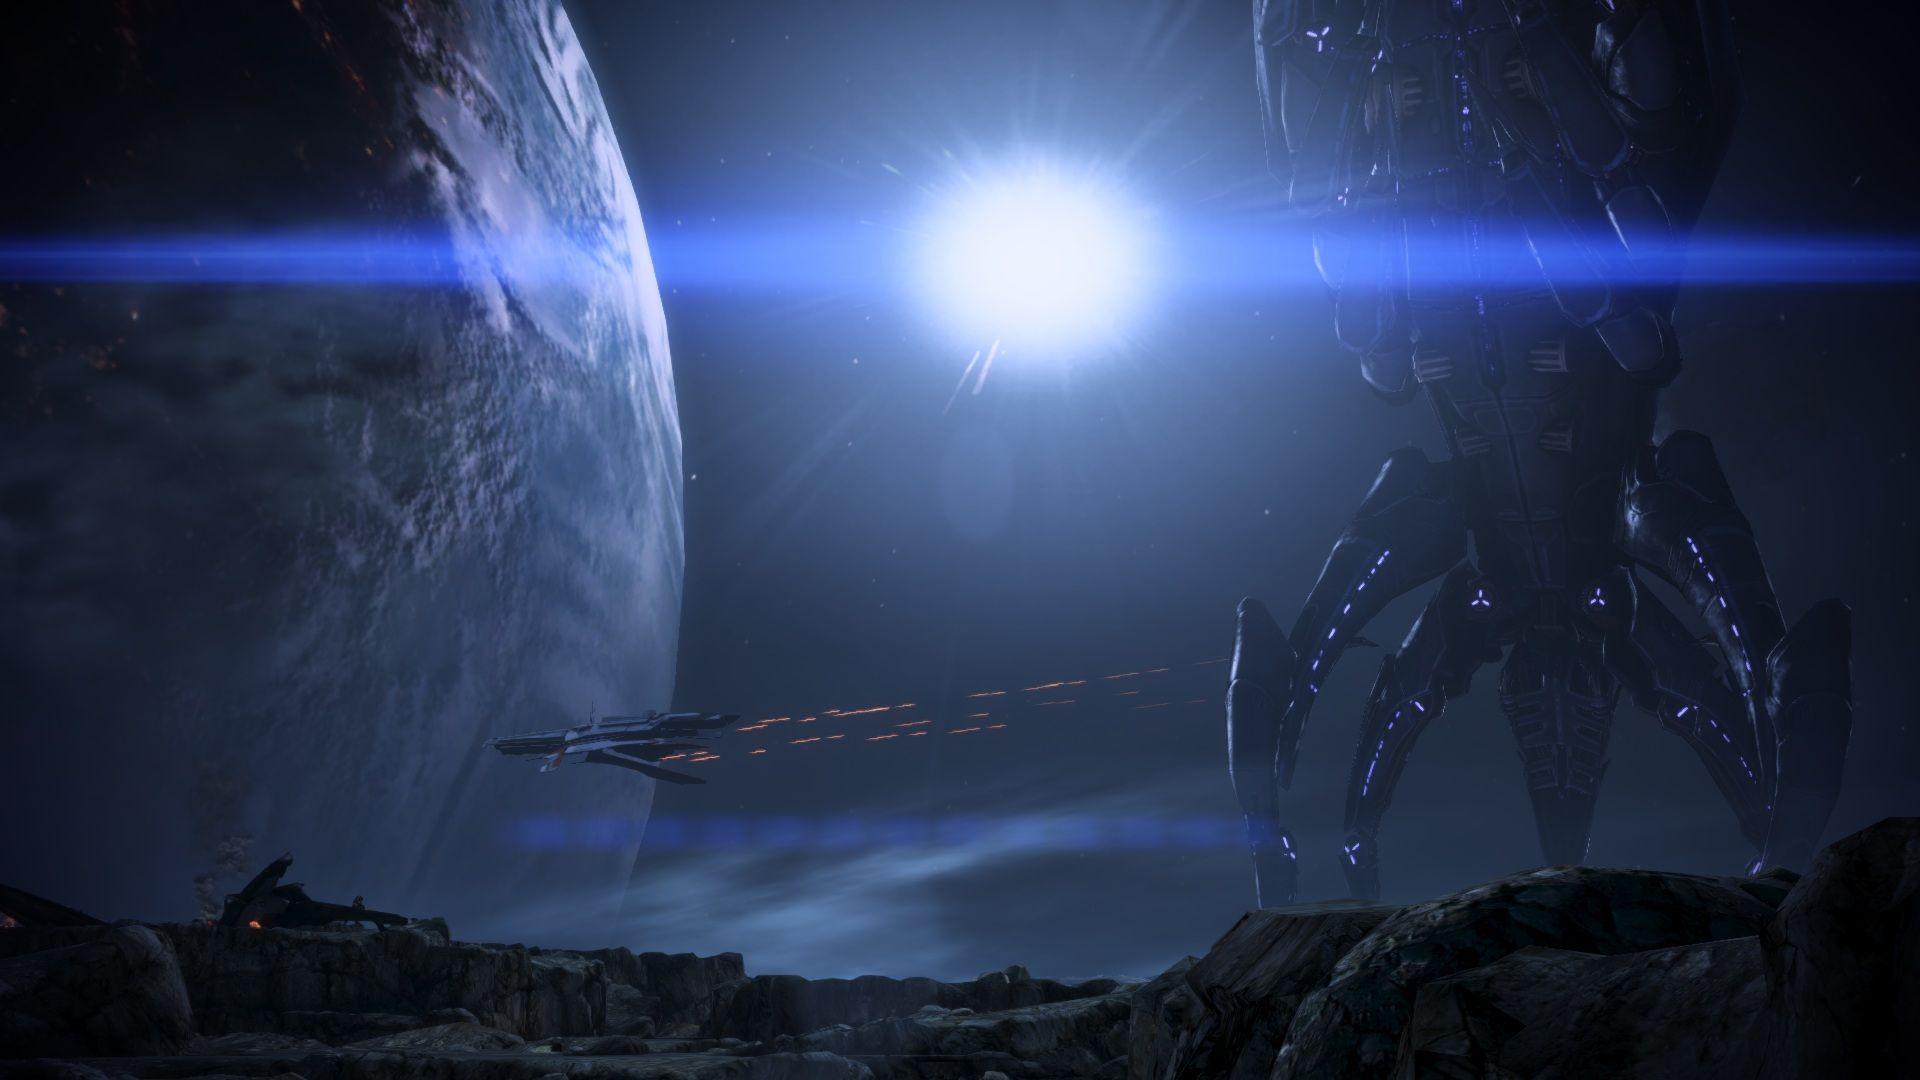 25+ Wallpaper Mass Effect Background Pics